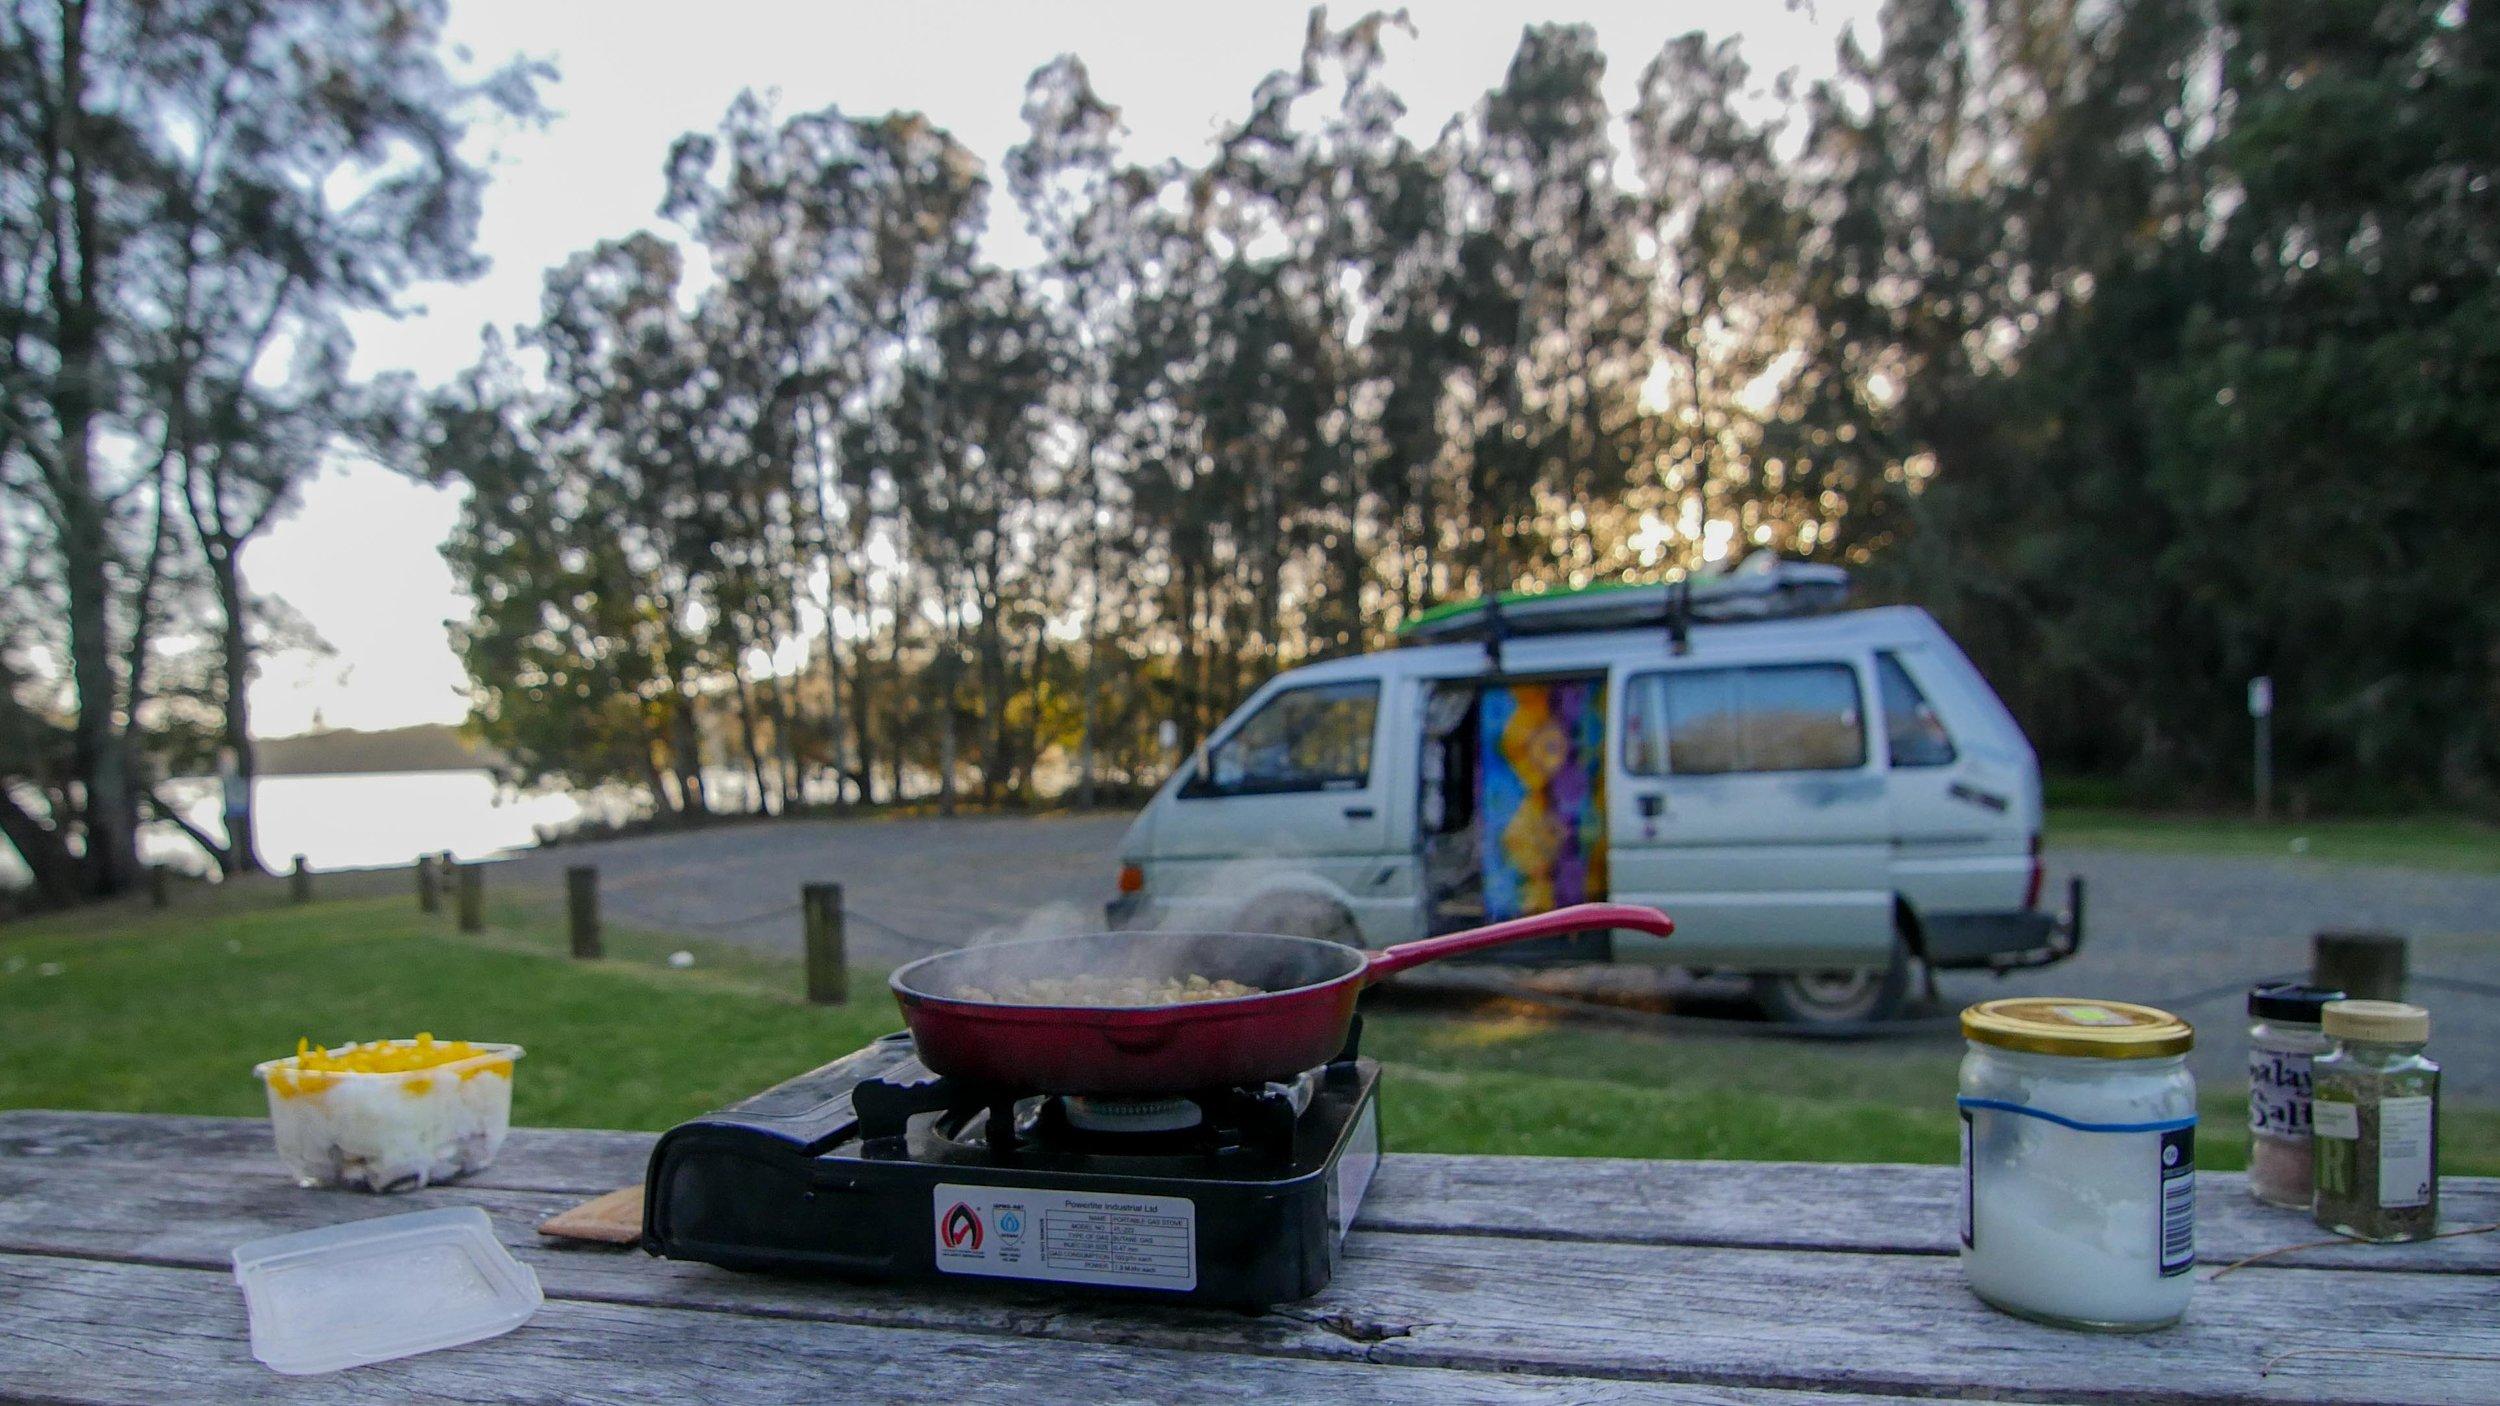 Northern NSW Road Trip Australia Van Life (10 of 15).jpg